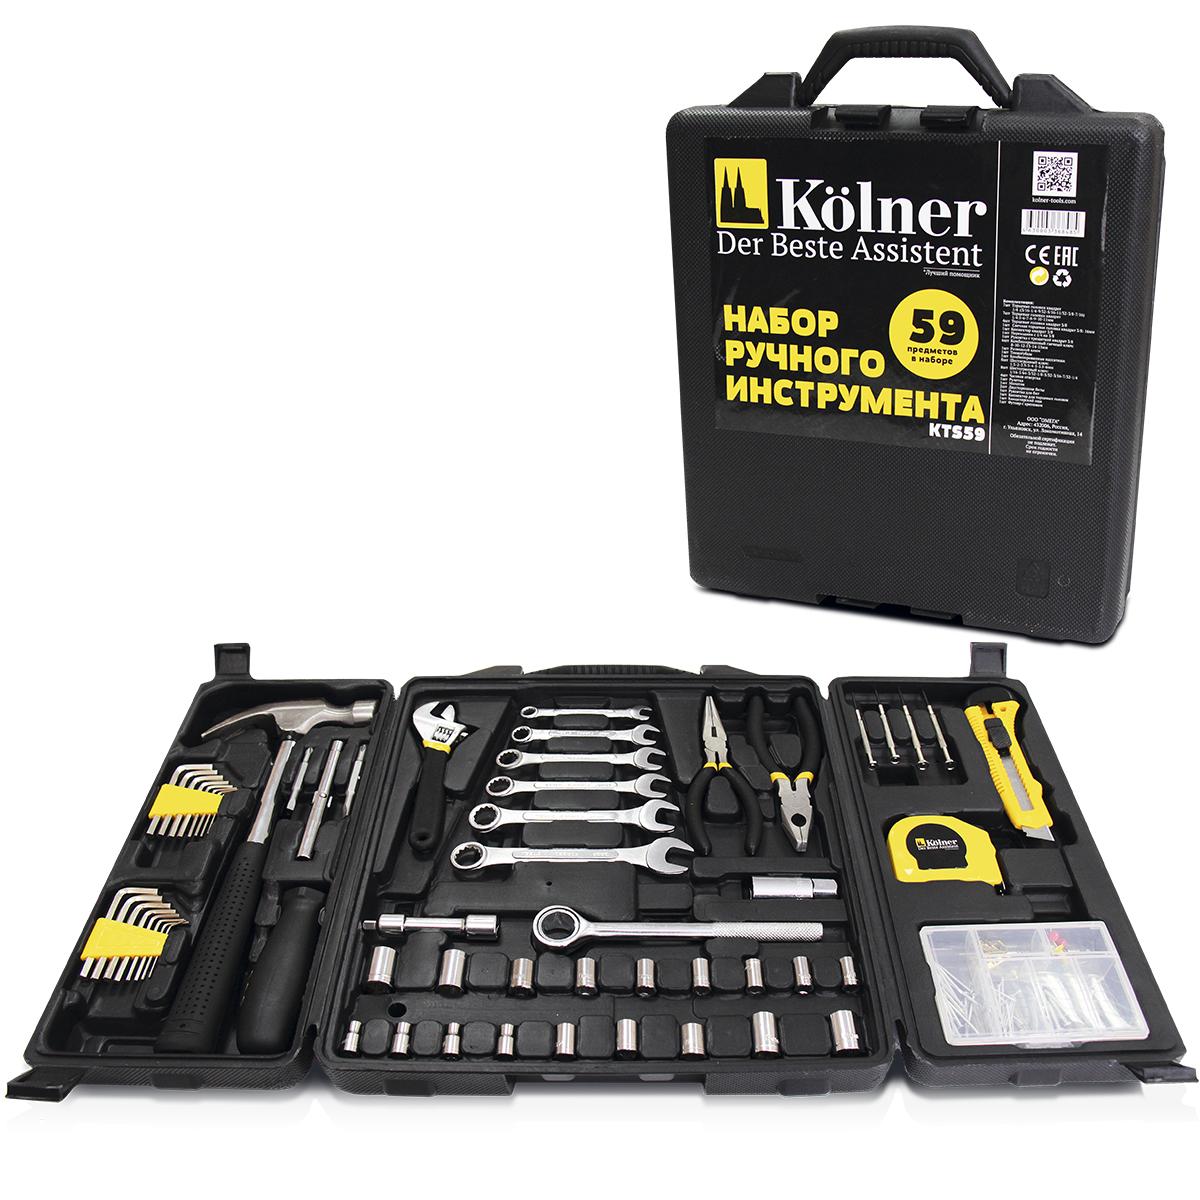 Набор инструментов Kolner KTS, 59 предметов динамик широкополосный peerless 3 8 ohm 830987 1 шт